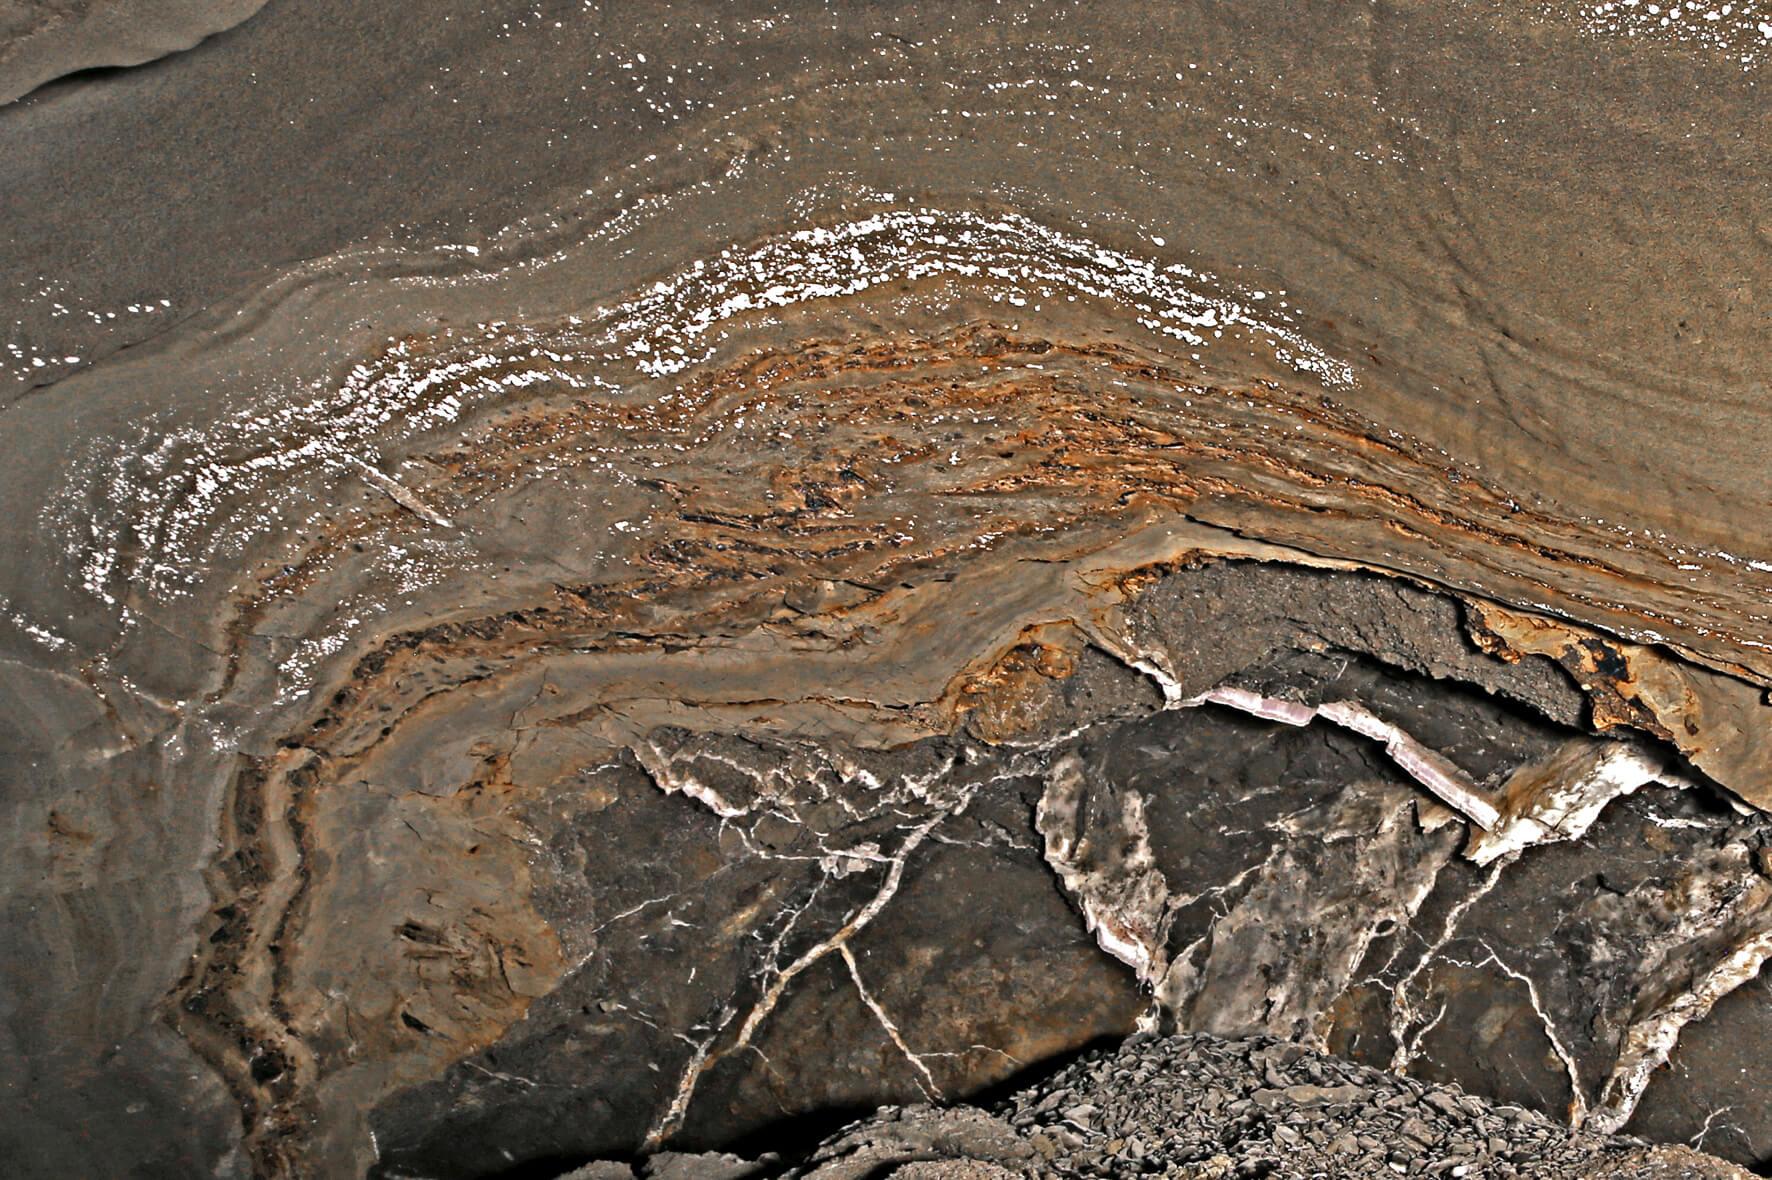 Uwęglone szczątki mioceńskiej flory w solach spizowych